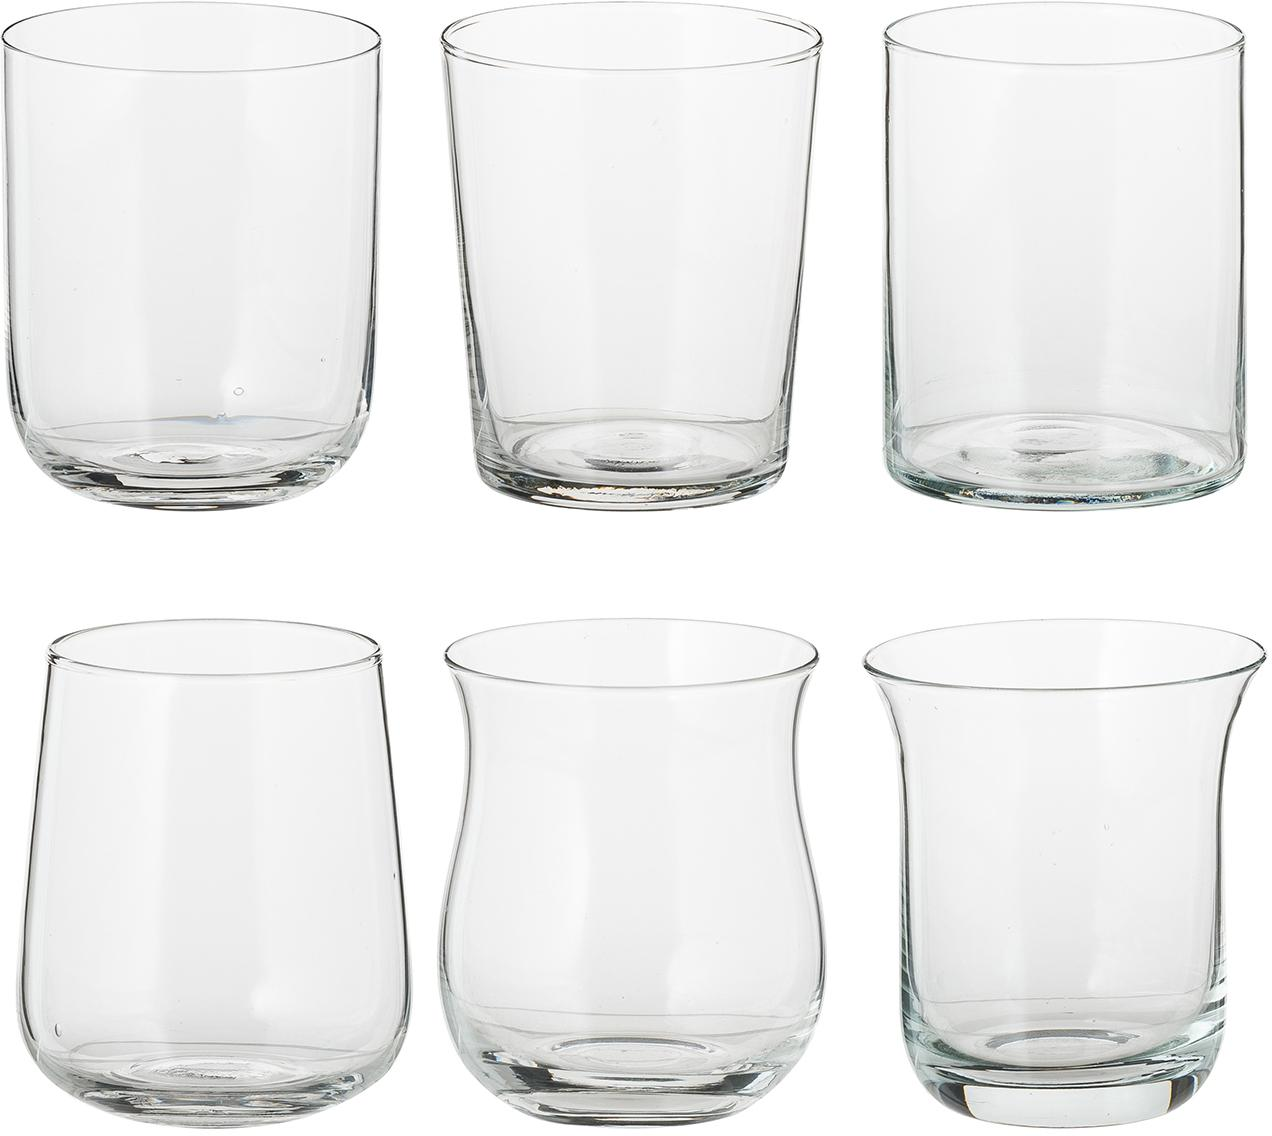 Mundgeblasene Wassergläser Desigual in unterschiedlichen Formen, 6er-Set, Glas, mundgeblasen, Transparent, Ø 8 x H 10 cm